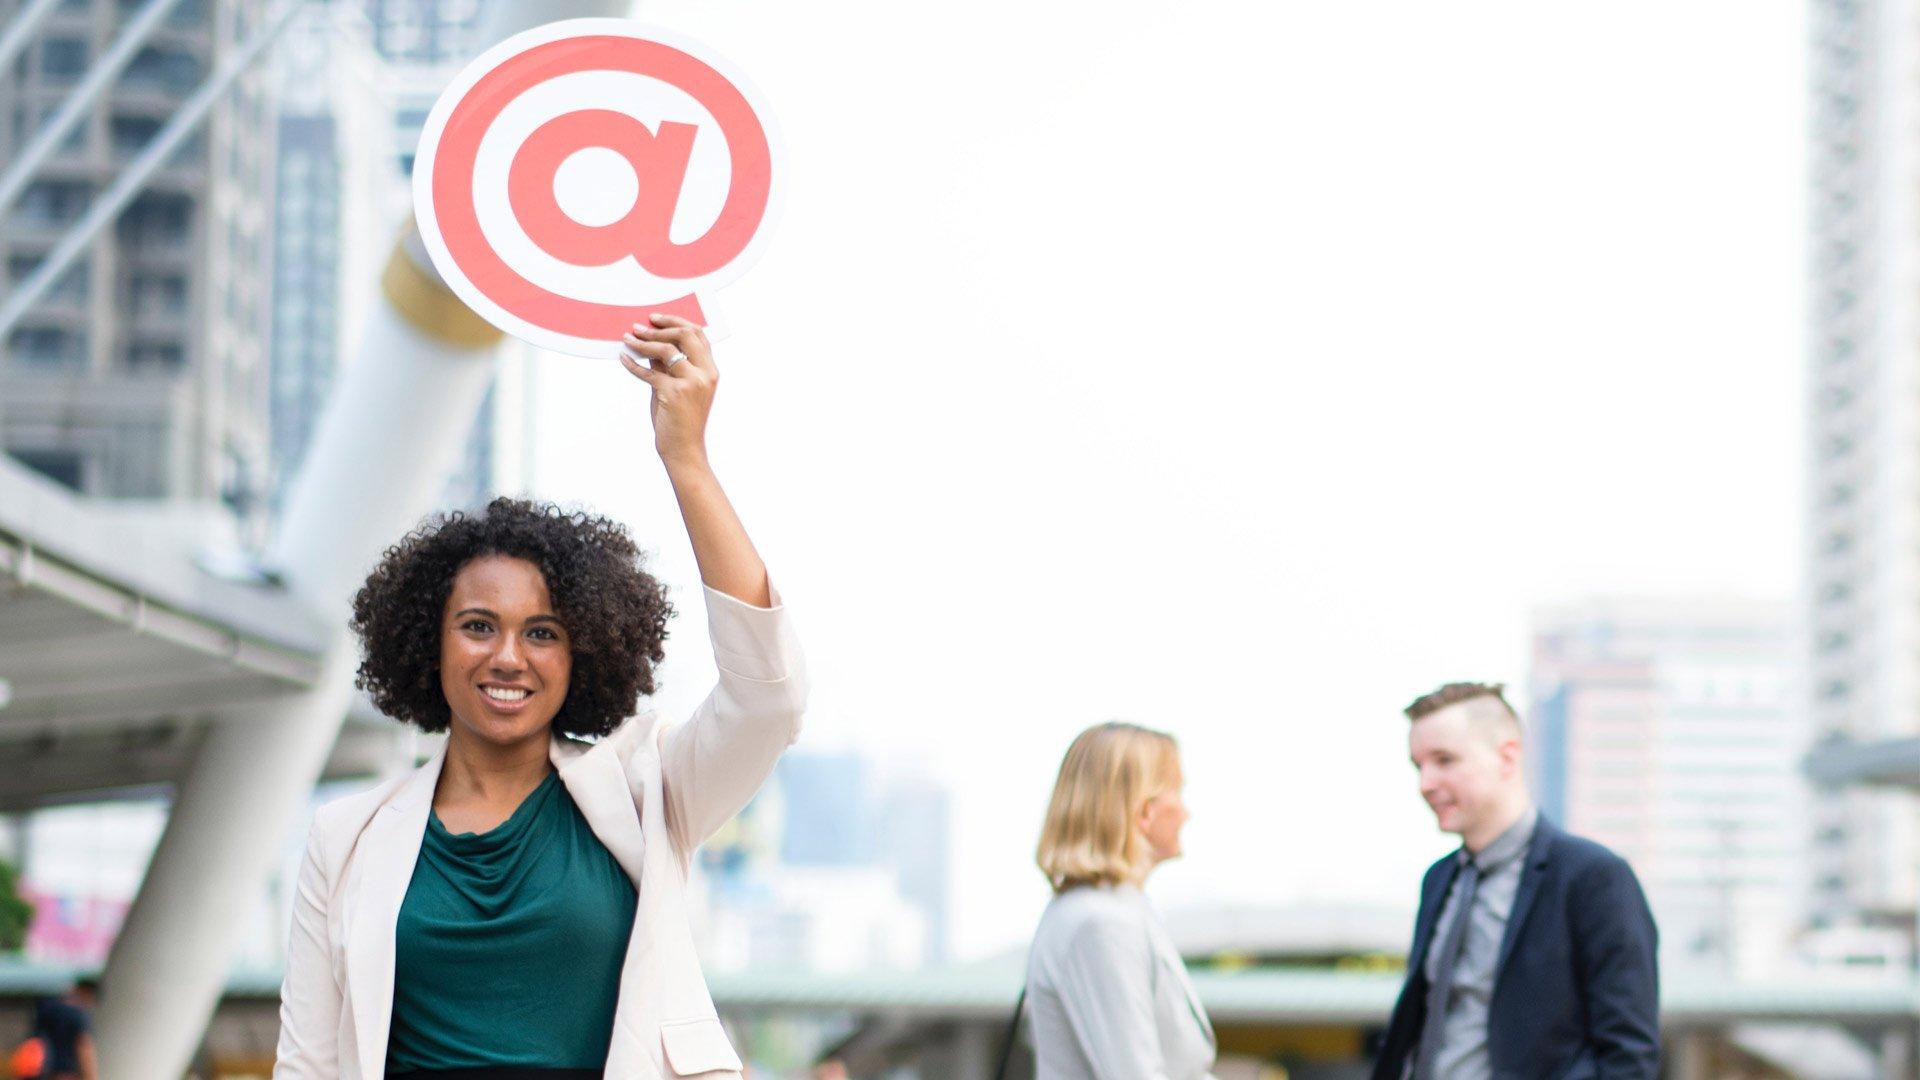 Consigli email marketing   L'email è un mezzo importante per raggiungere nuovi e vecchi contatti